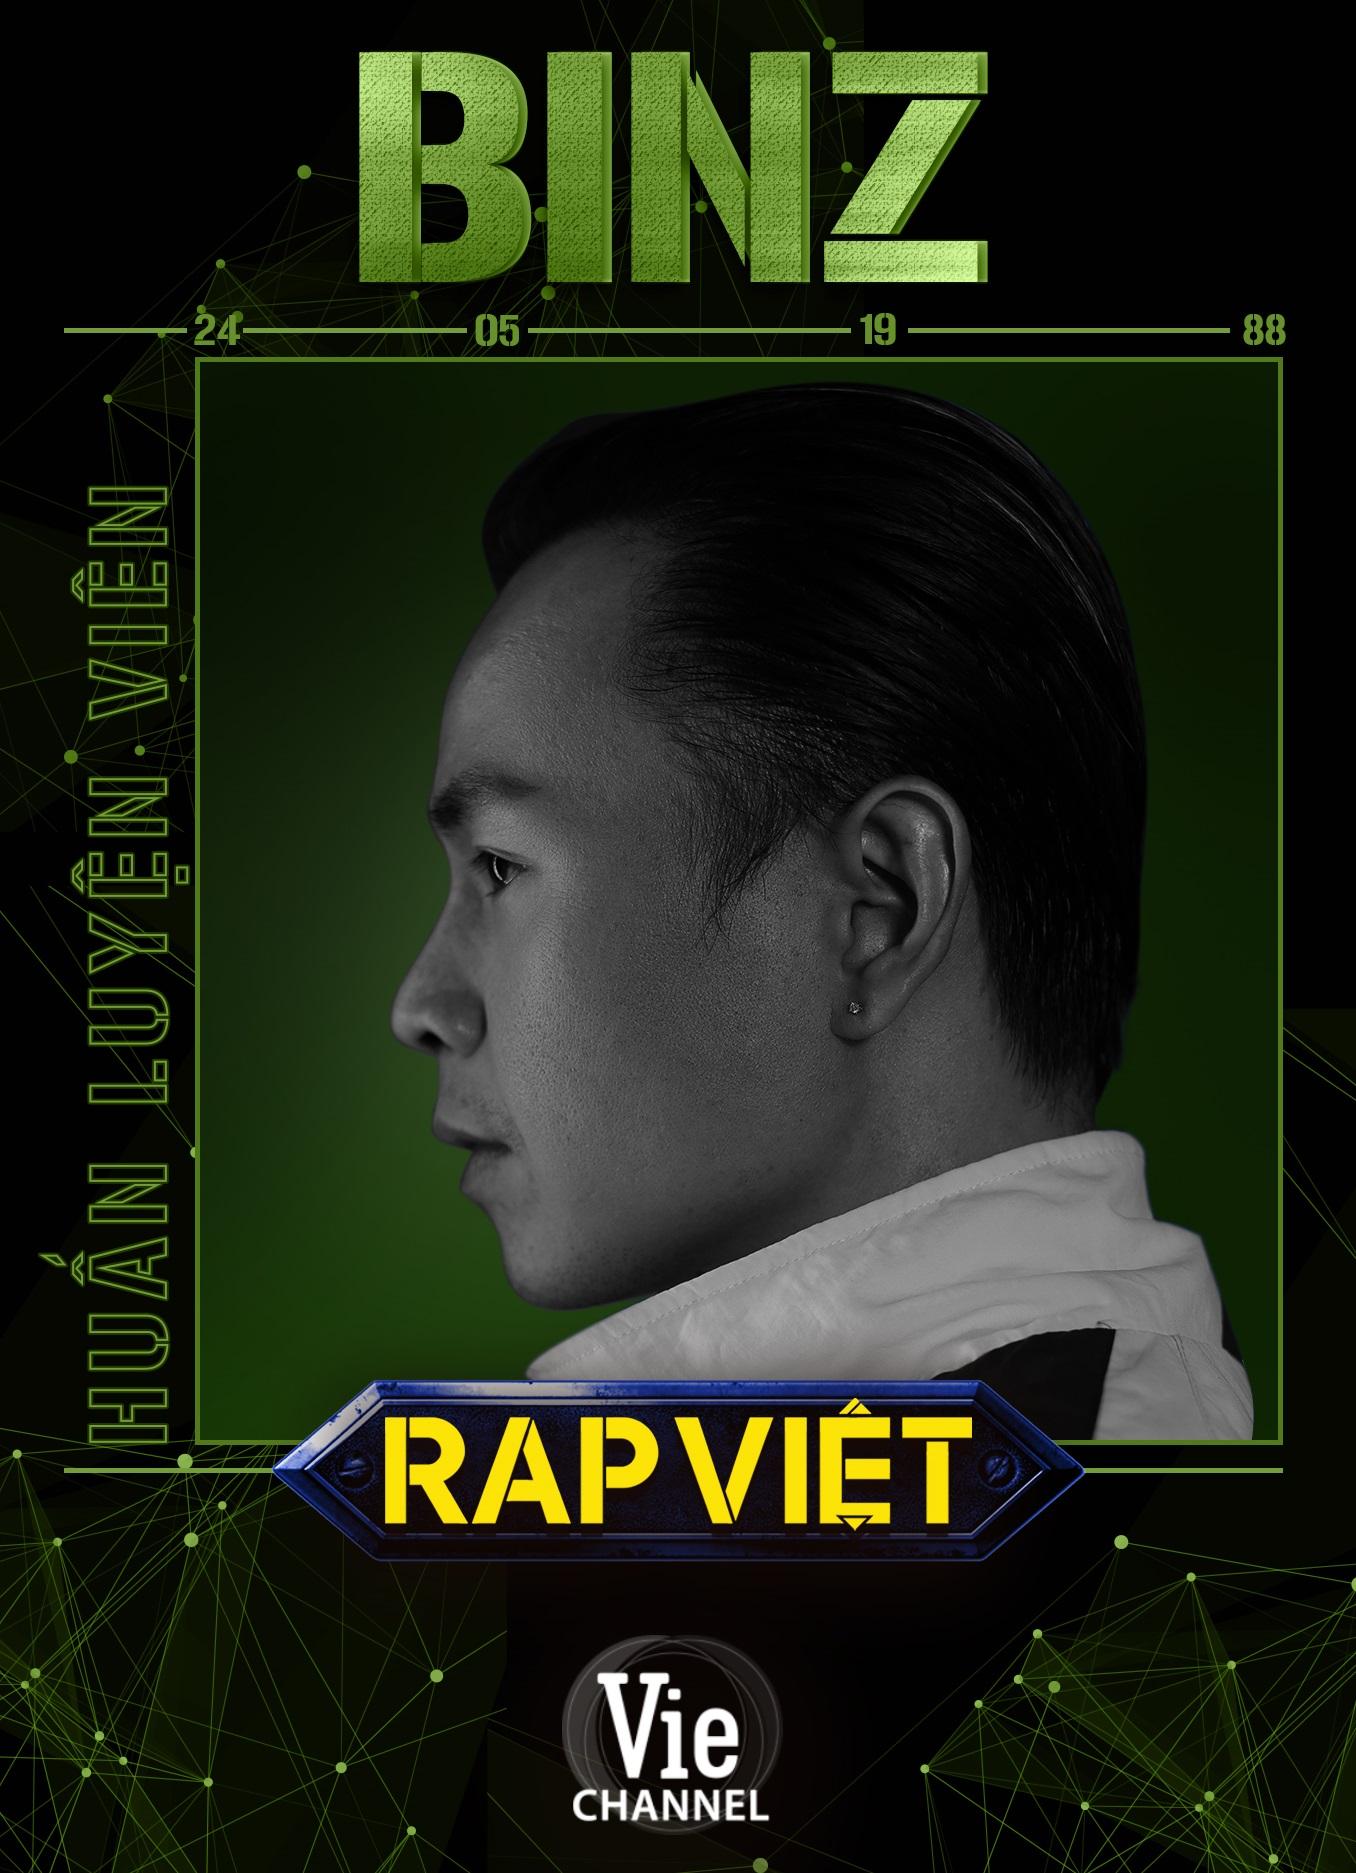 """Rap Việt: Ghế nóng ngập tràn những """"ông trùm"""", dân mạng sôi sục đi tìm nhân vật bí ẩn cuối cùng - Ảnh 6"""